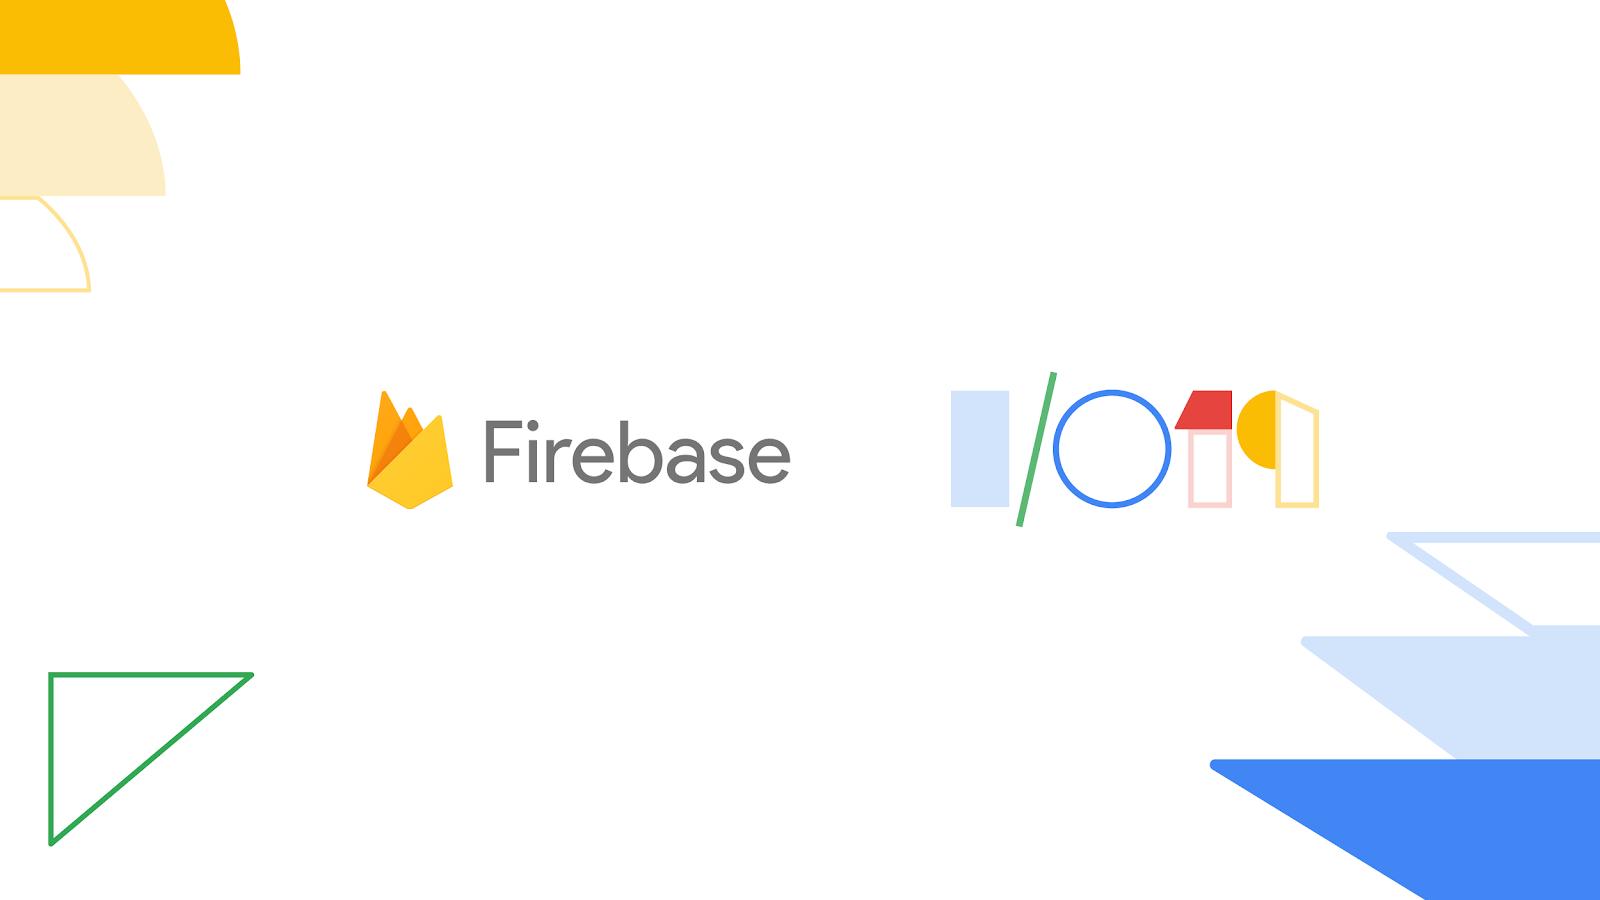 Google fires up its Firebase app development framework